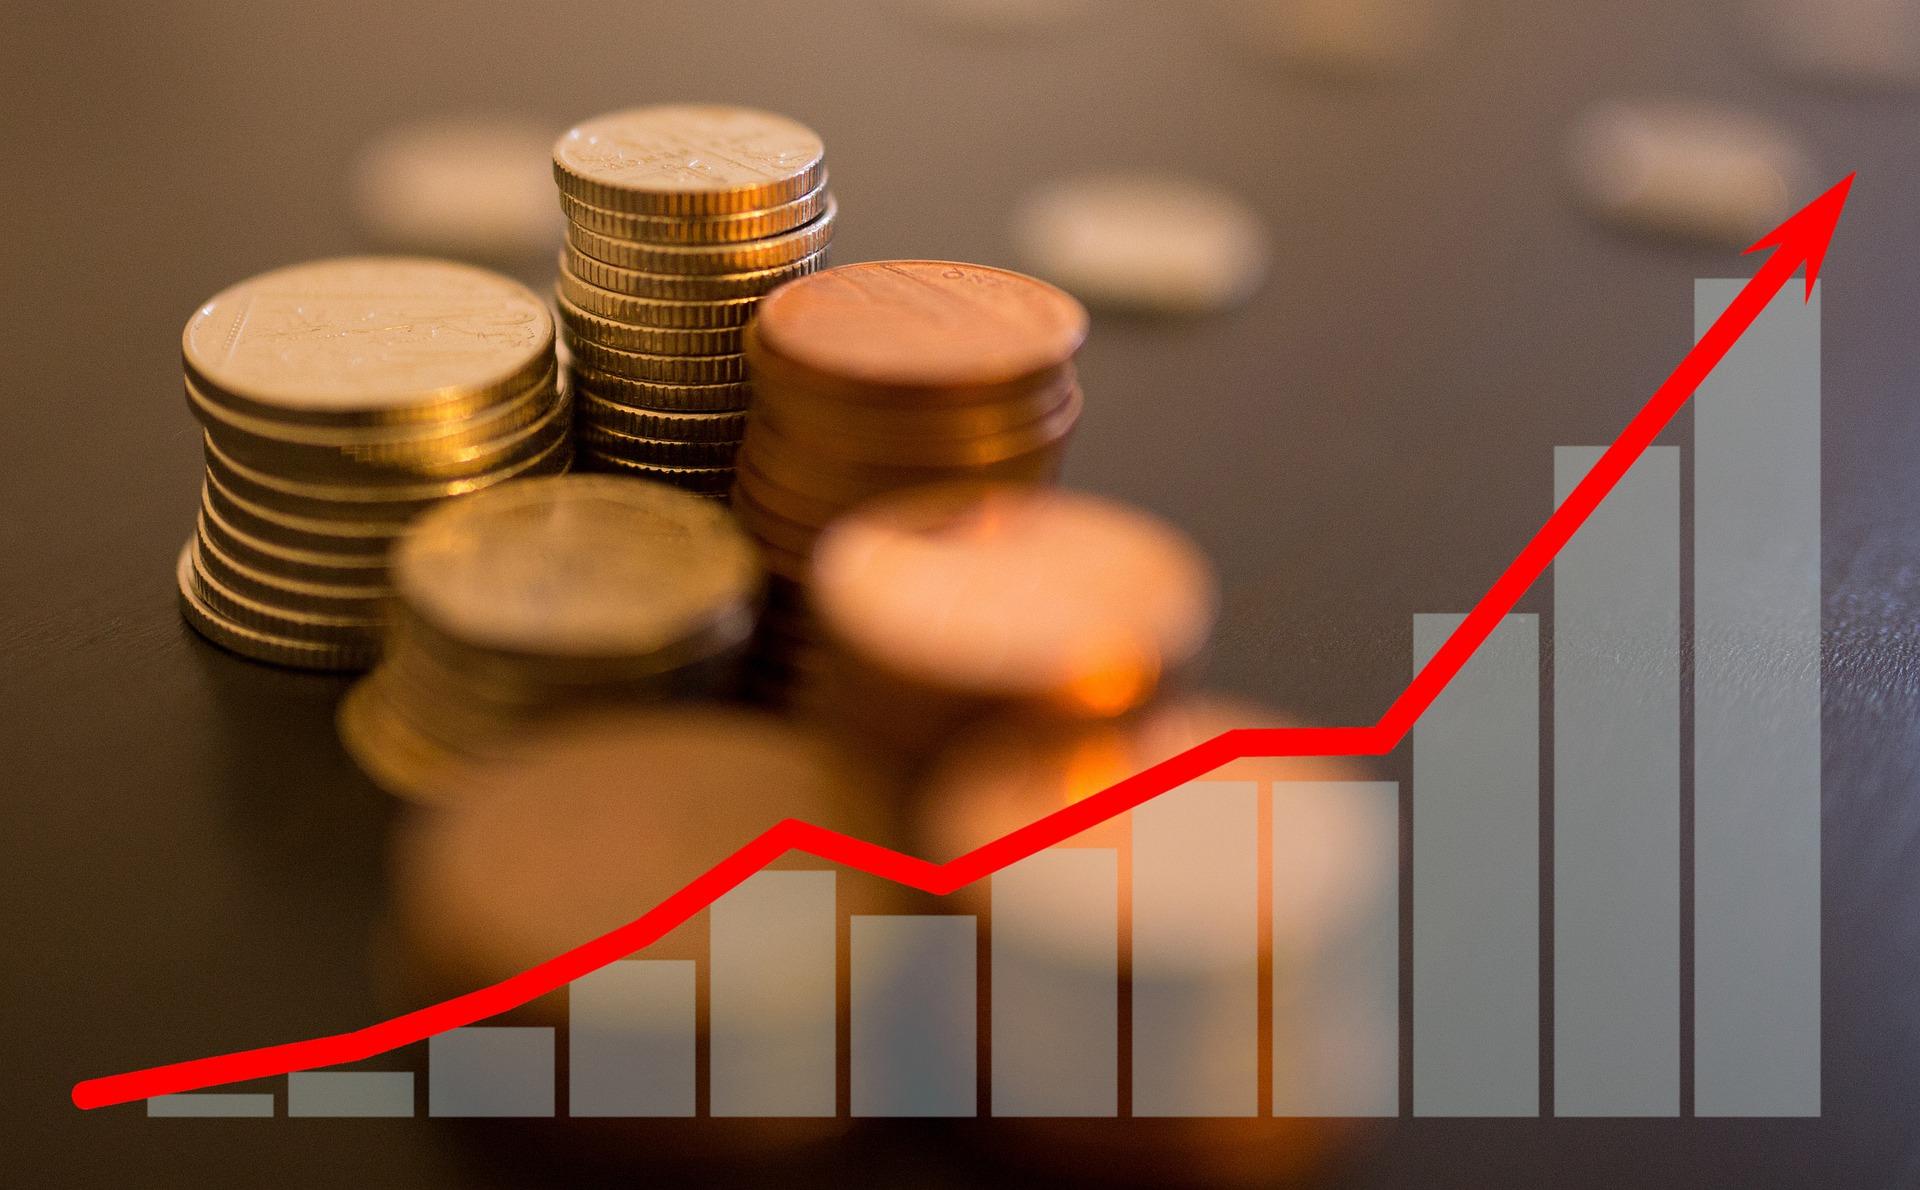 Инфляция в РФ в сентябре составит 7% — Центробанк